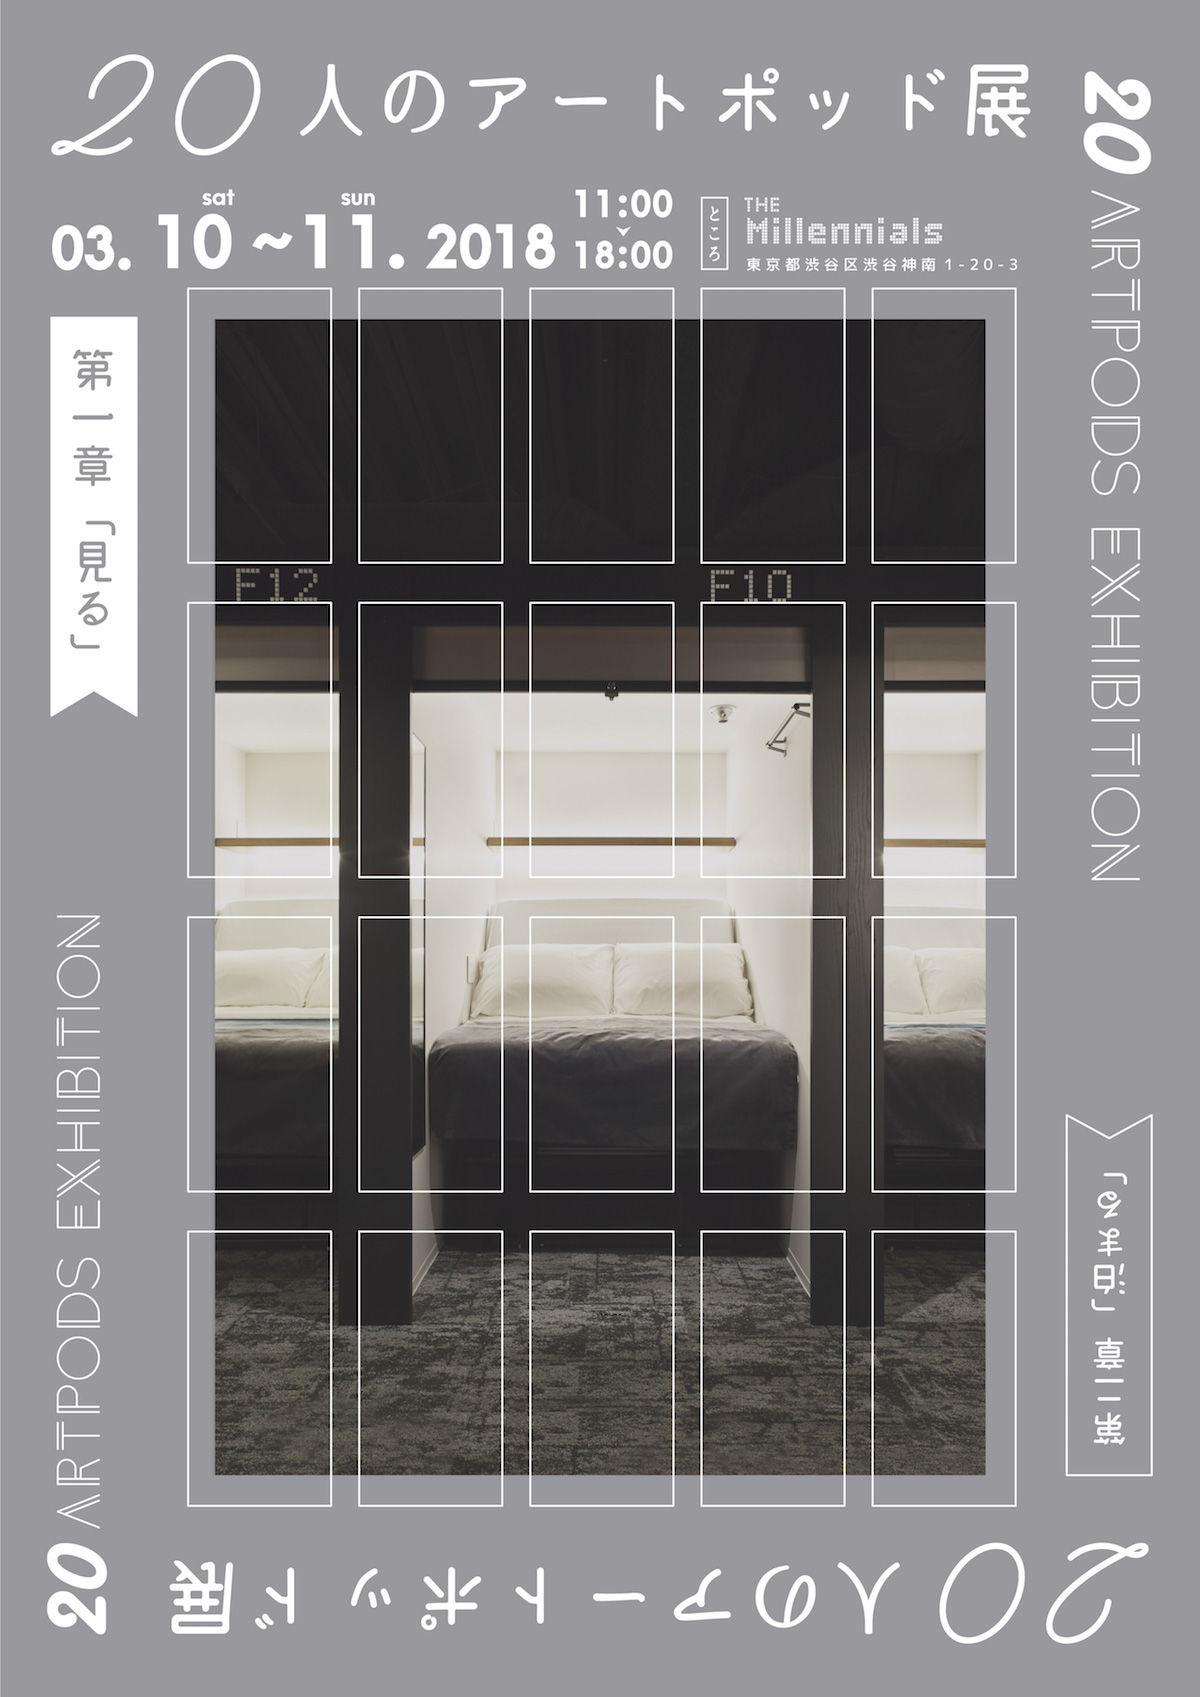 ミレニアル世代向けに特化した宿泊施設「The Millennials Shibuya」で<20人のアートポッド展>開催! art180227_themillennials-artpods_1-1200x1697